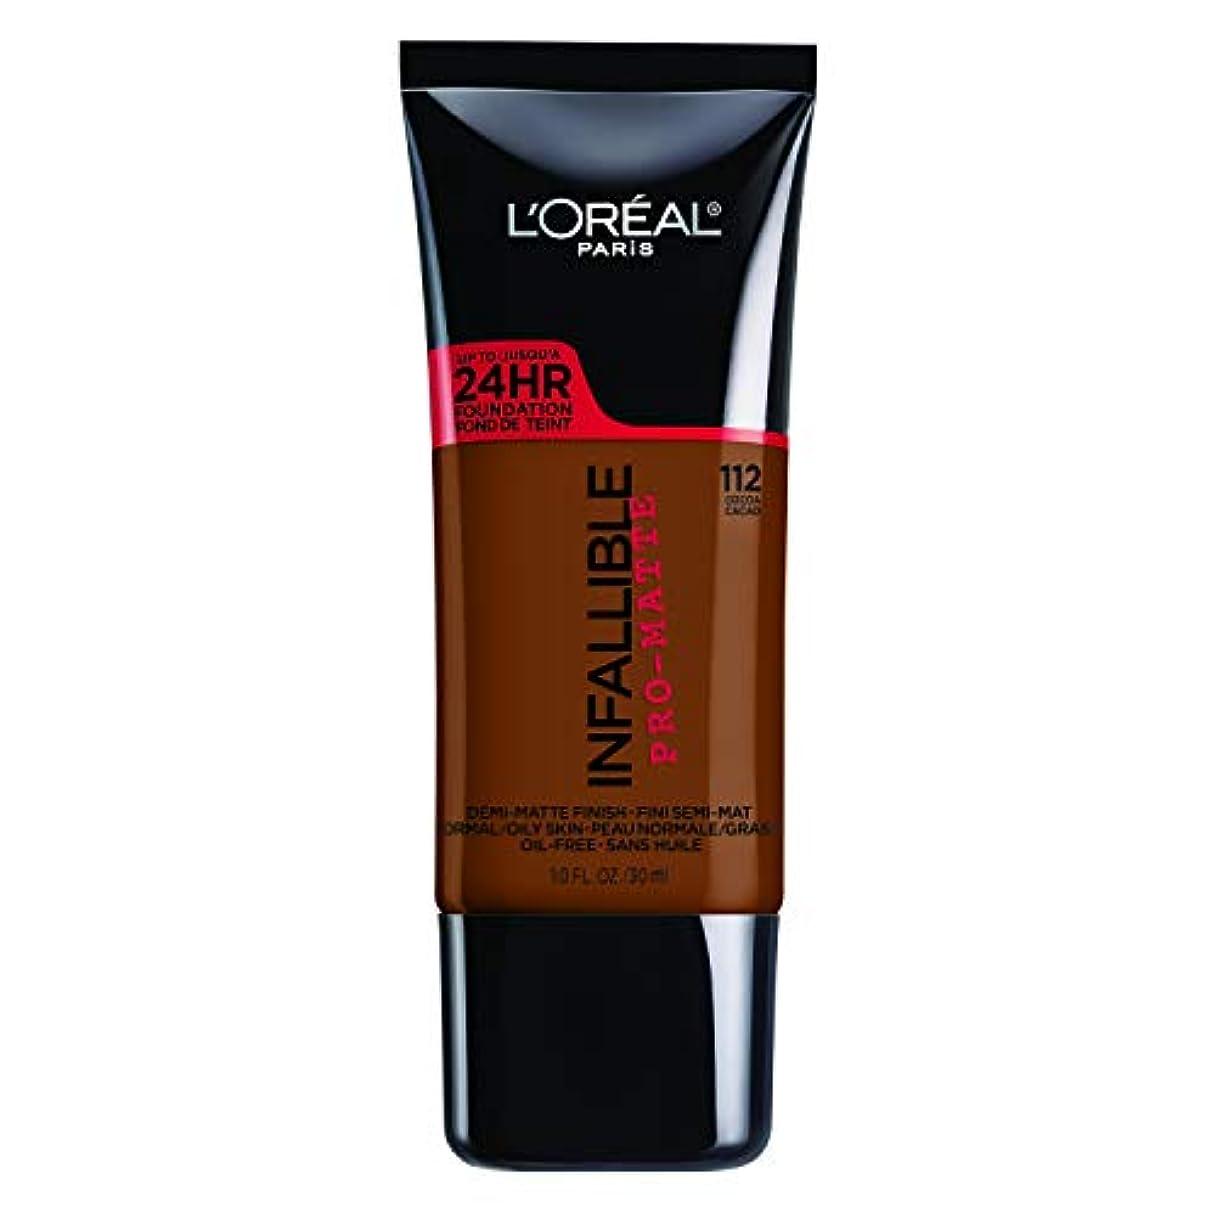 メインスツール海里L'Oreal Paris Infallible Pro-Matte Foundation Makeup, 112 Cocoa, 1 fl. oz[並行輸入品]